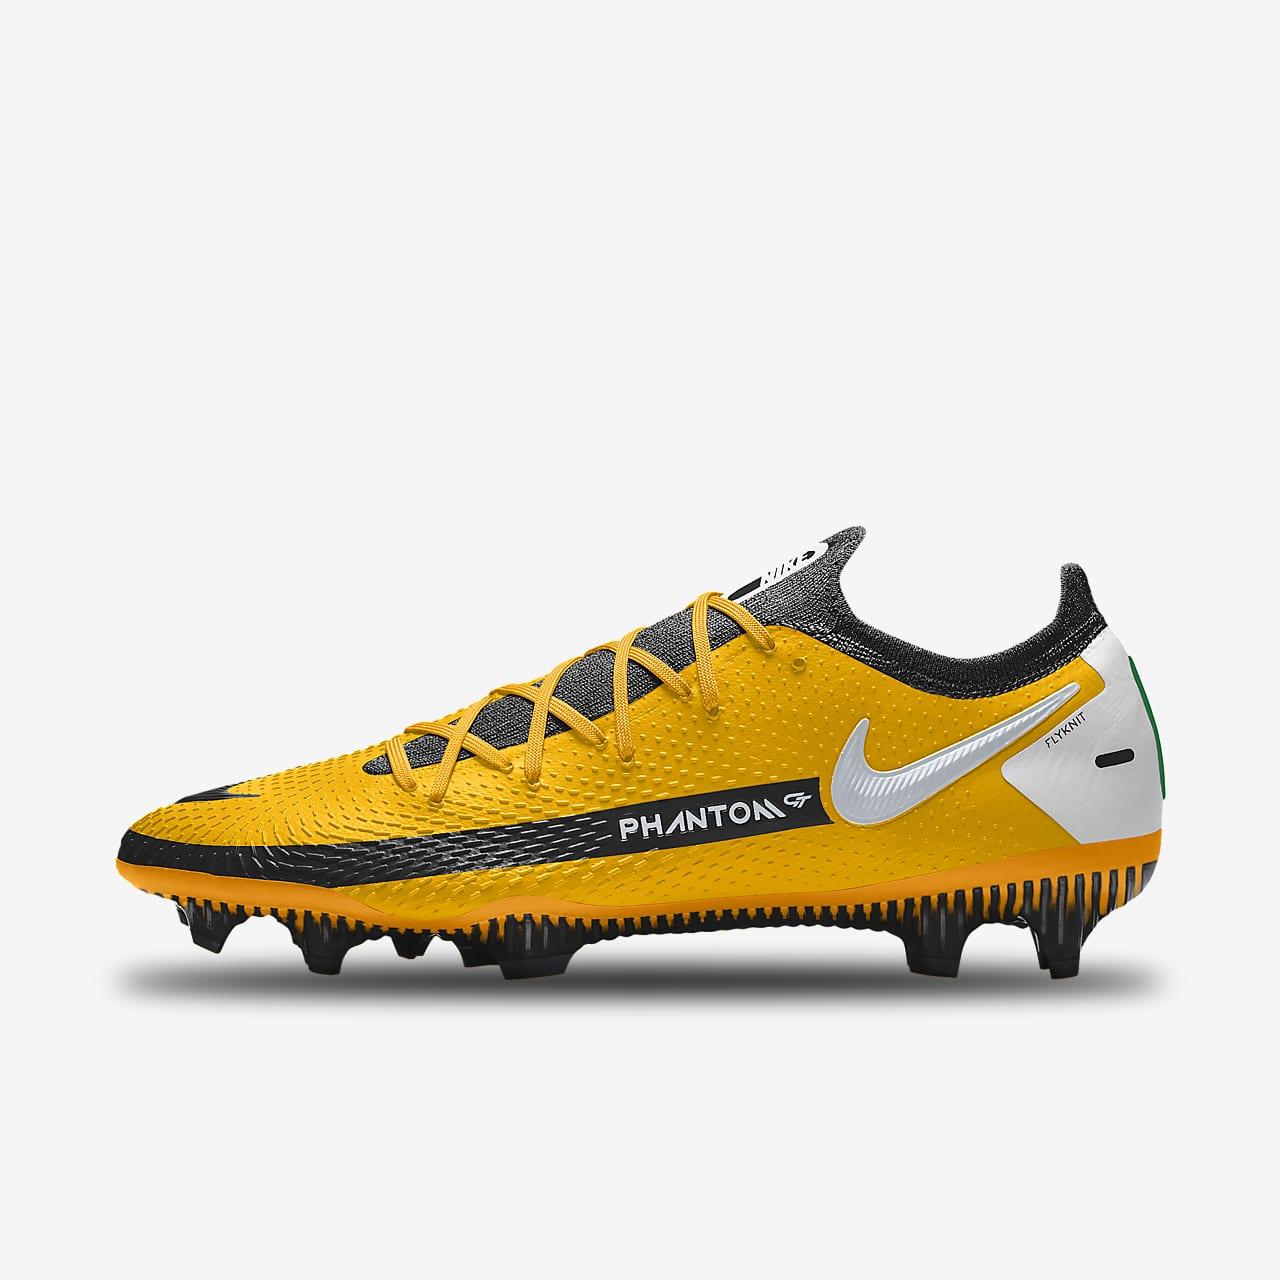 Nike Phantom GT Elite By You personalisierbarer Fußballschuh für normalen Rasen